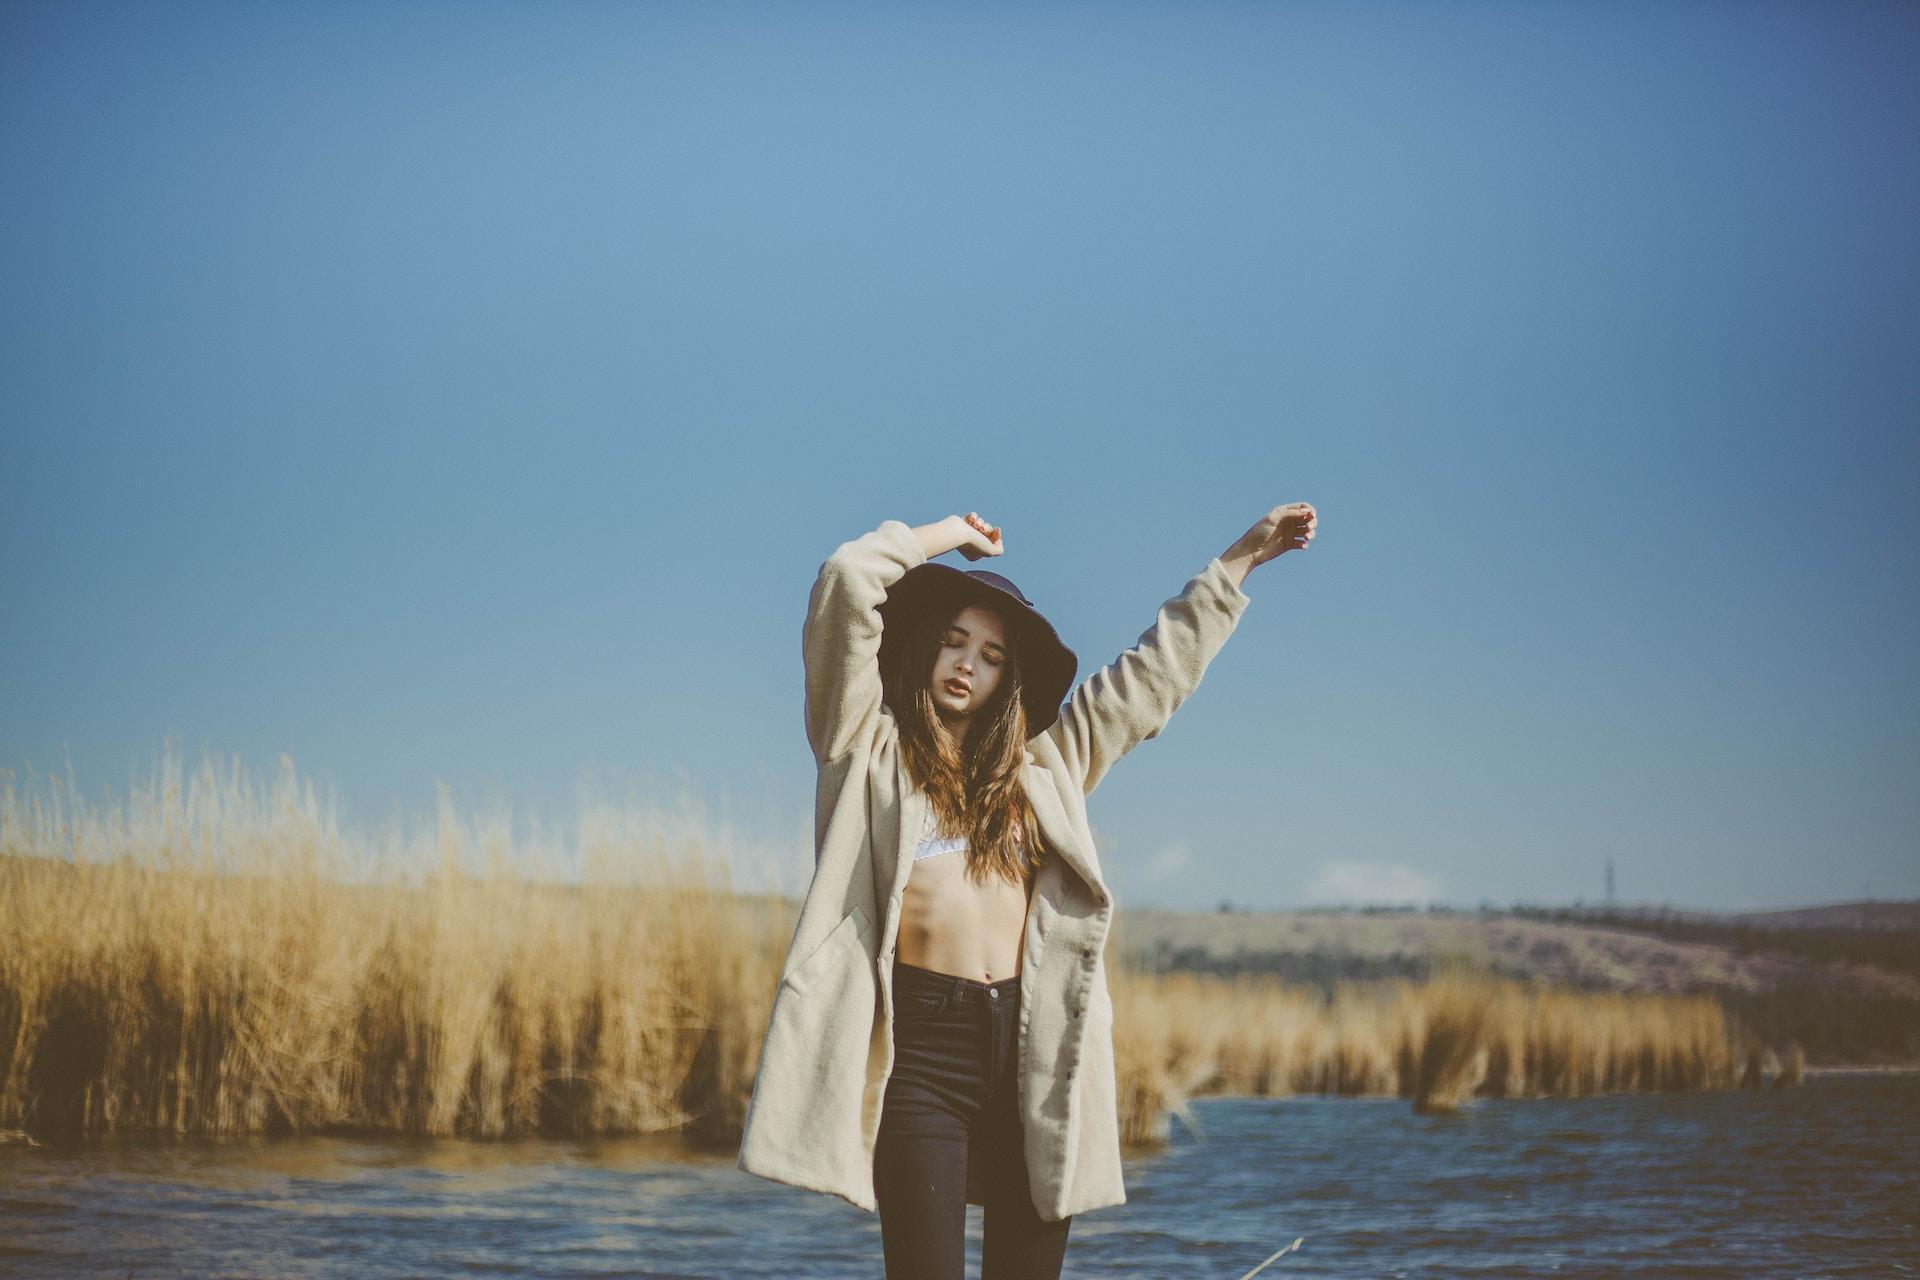 woman wearing coat near body of water